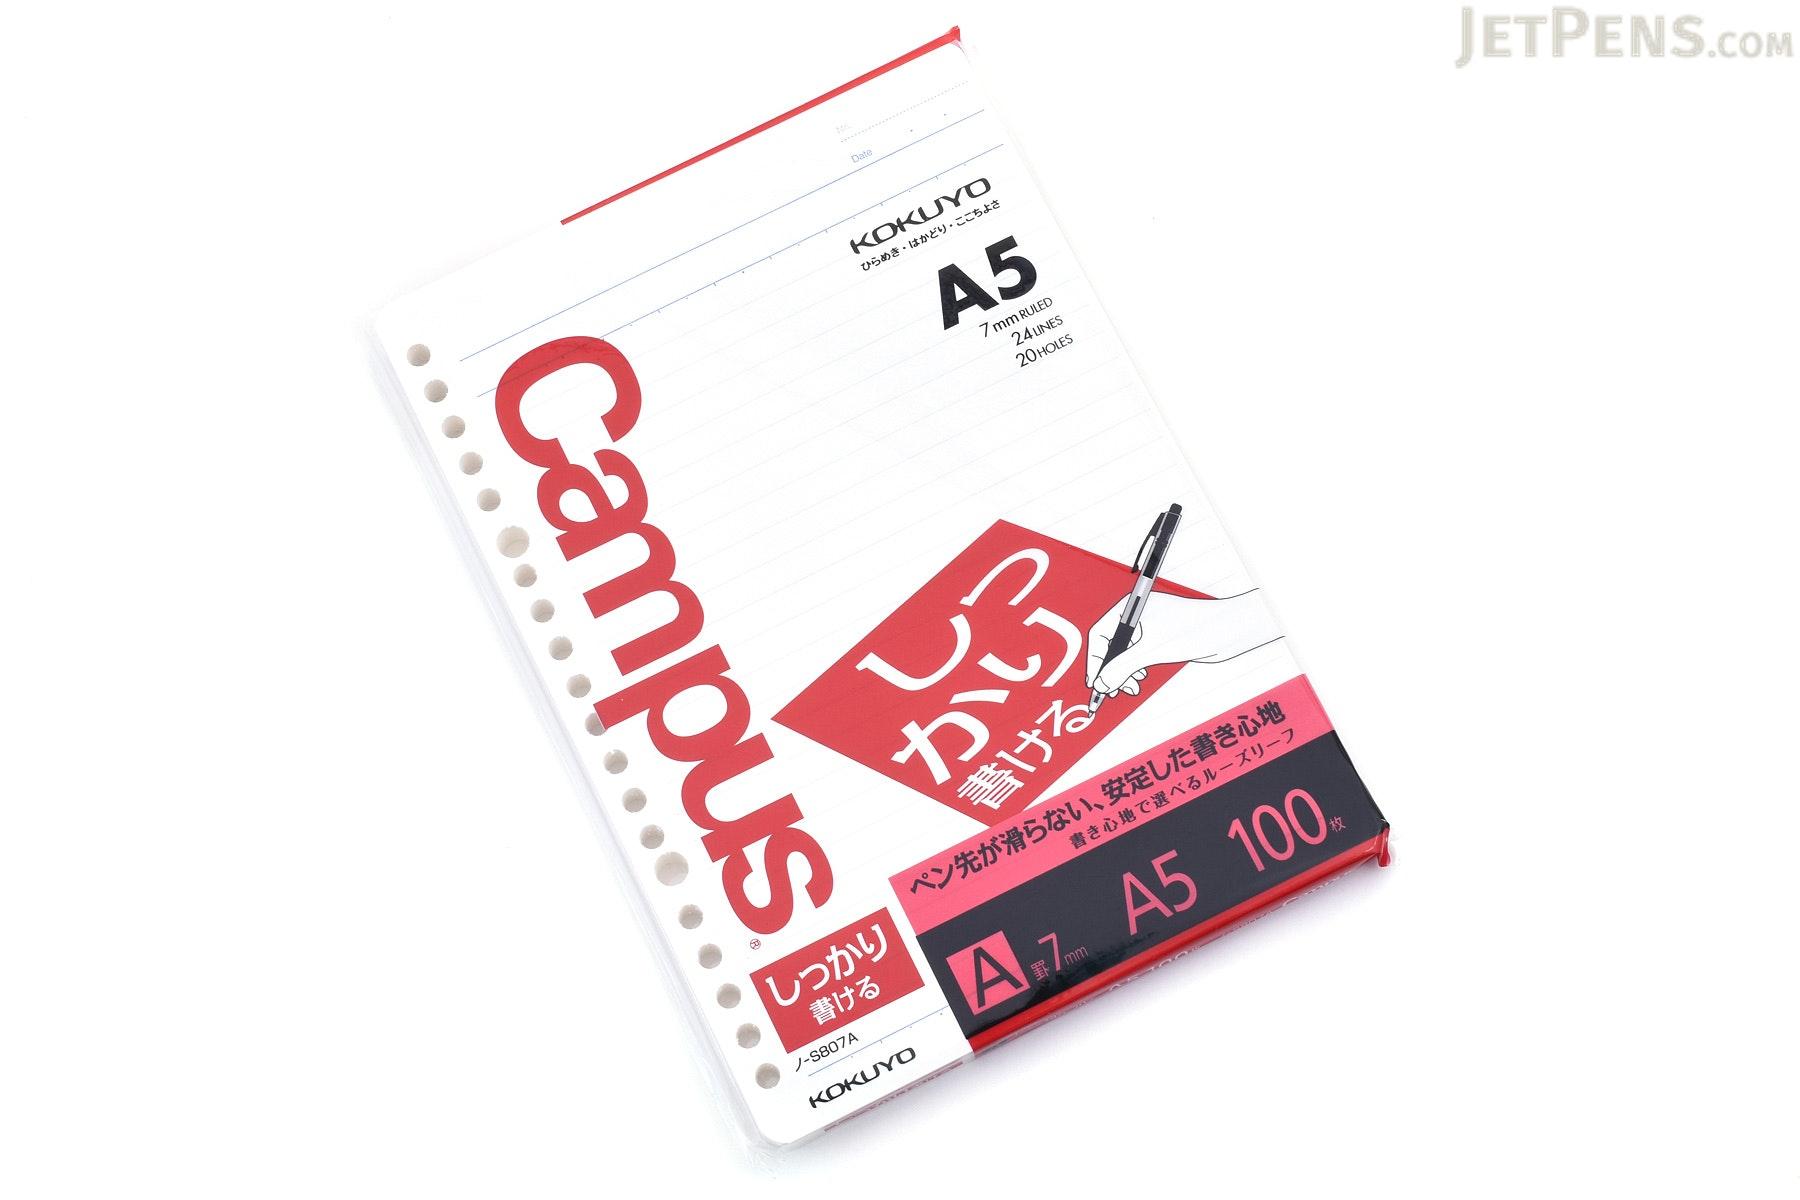 Kokuyo Campus Loose Leaf Paper - Shikkari - A5 - 7 mm Rule - 20 Holes - 100 Sheets - Bundle of 5 - KOKUYO NO-S807A BUNDLE